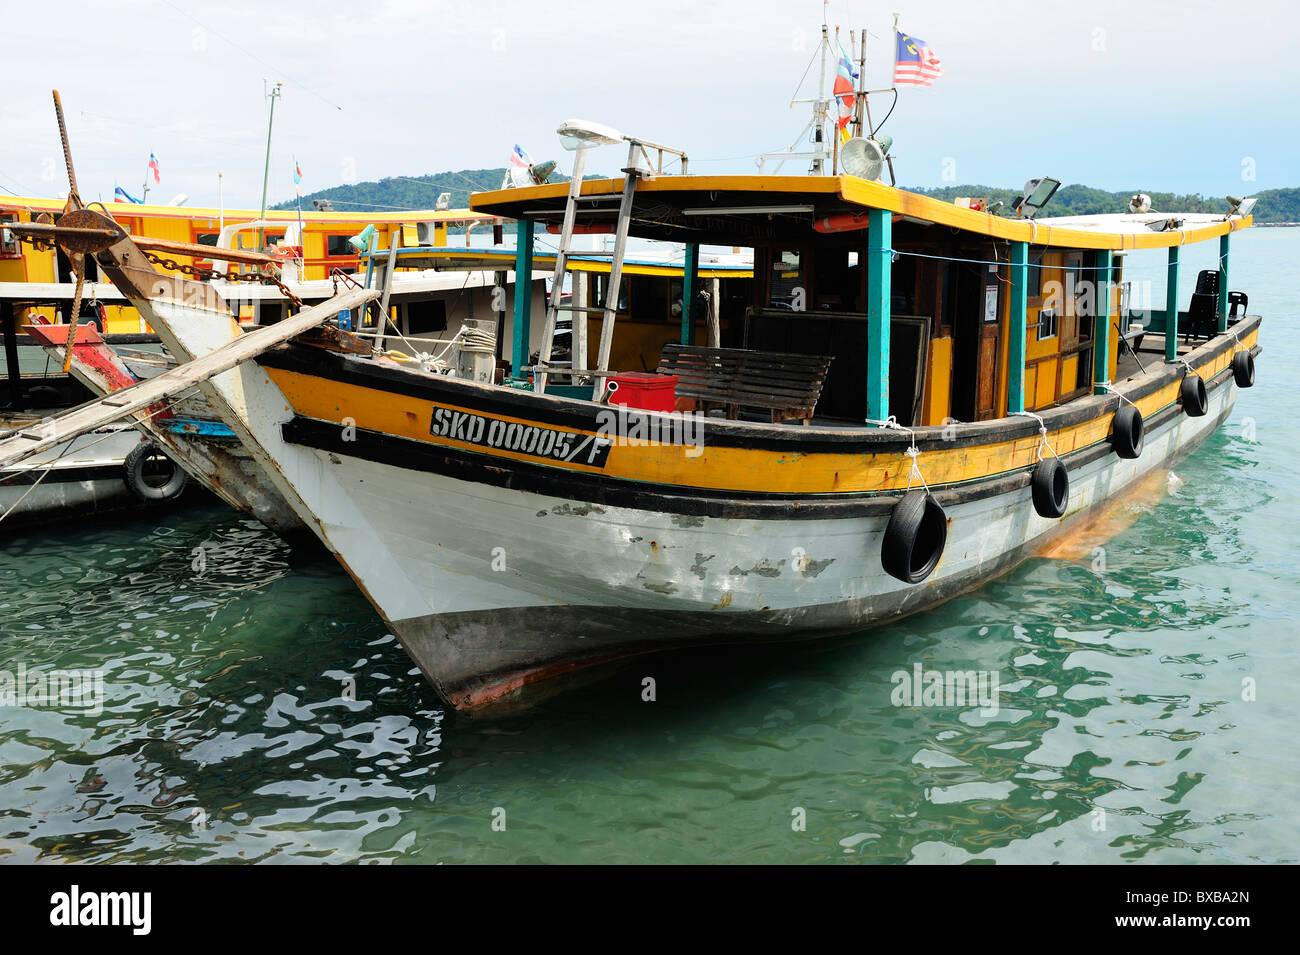 Fishing boat on waterfront in Kota Kinabalu, Sabah - Stock Image